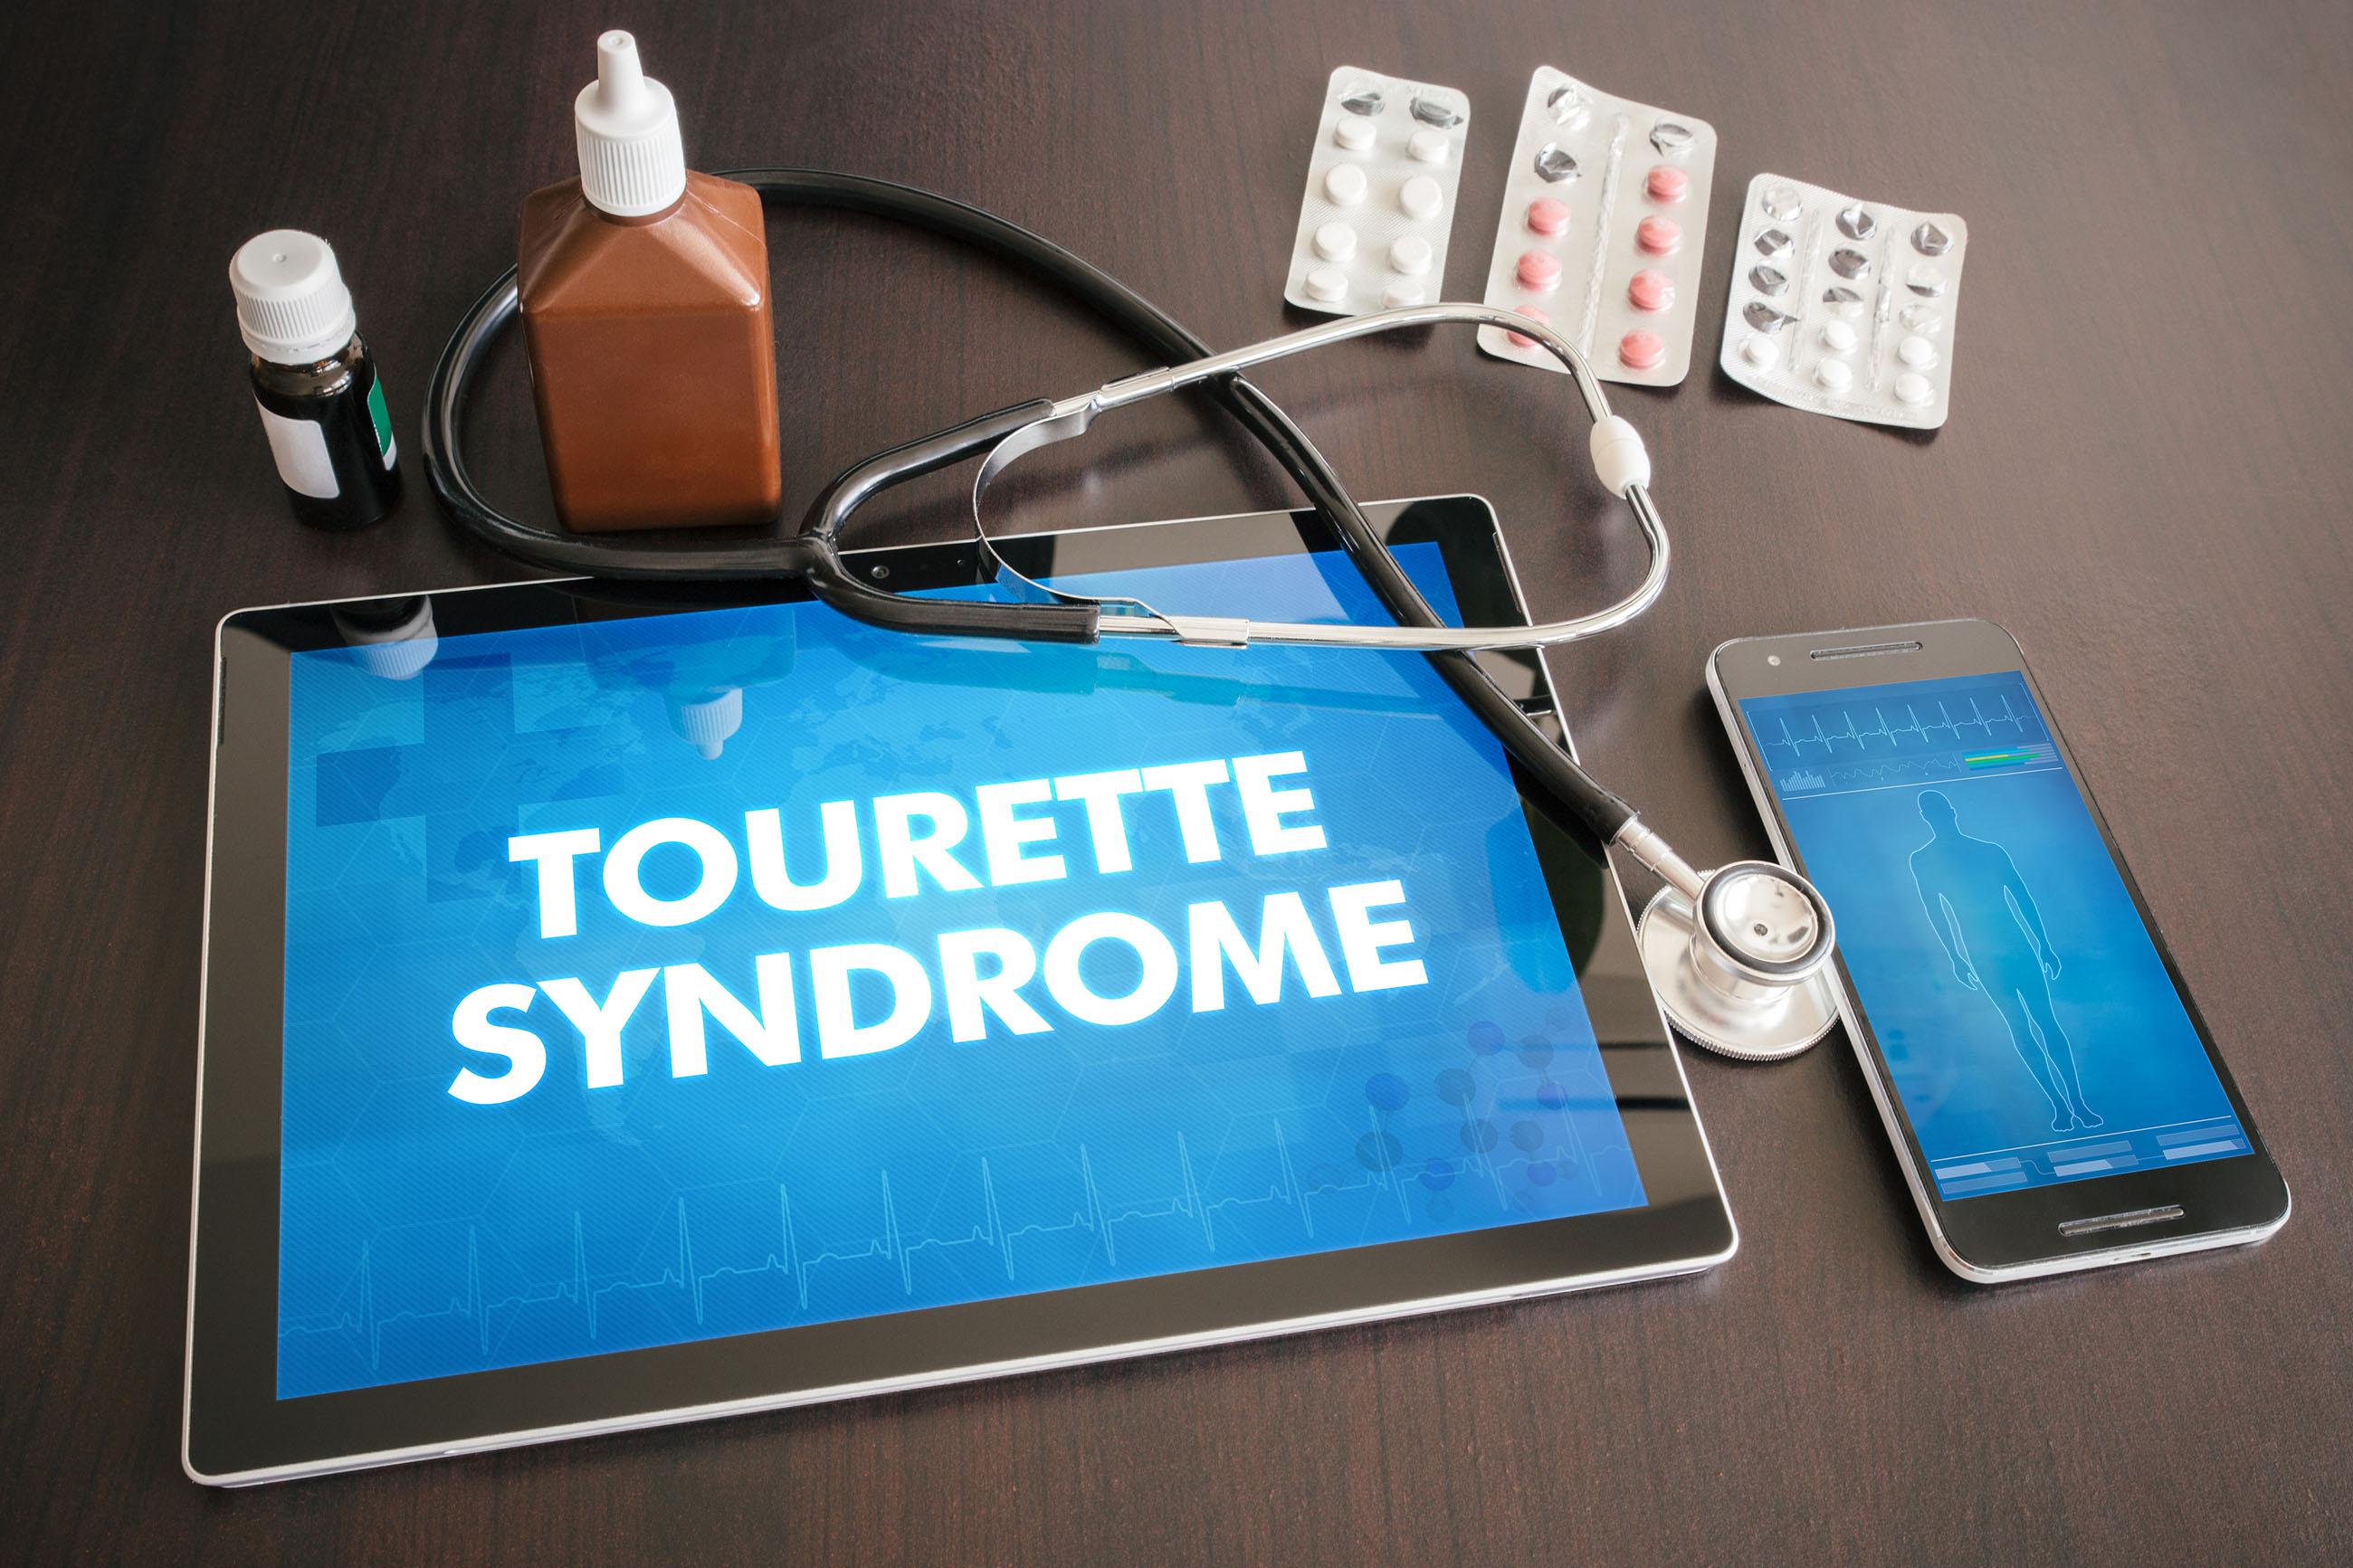 Fotografía de una mesa sobre la que se encuentran una tableta, un teléfono móvil, un estetoscopio, varias pastillas y dos frascos. En la tableta vemos las palabras «Tourette Syndrome» (síndrome de Tourette), mientras que el móvil muestra la silueta de una persona.